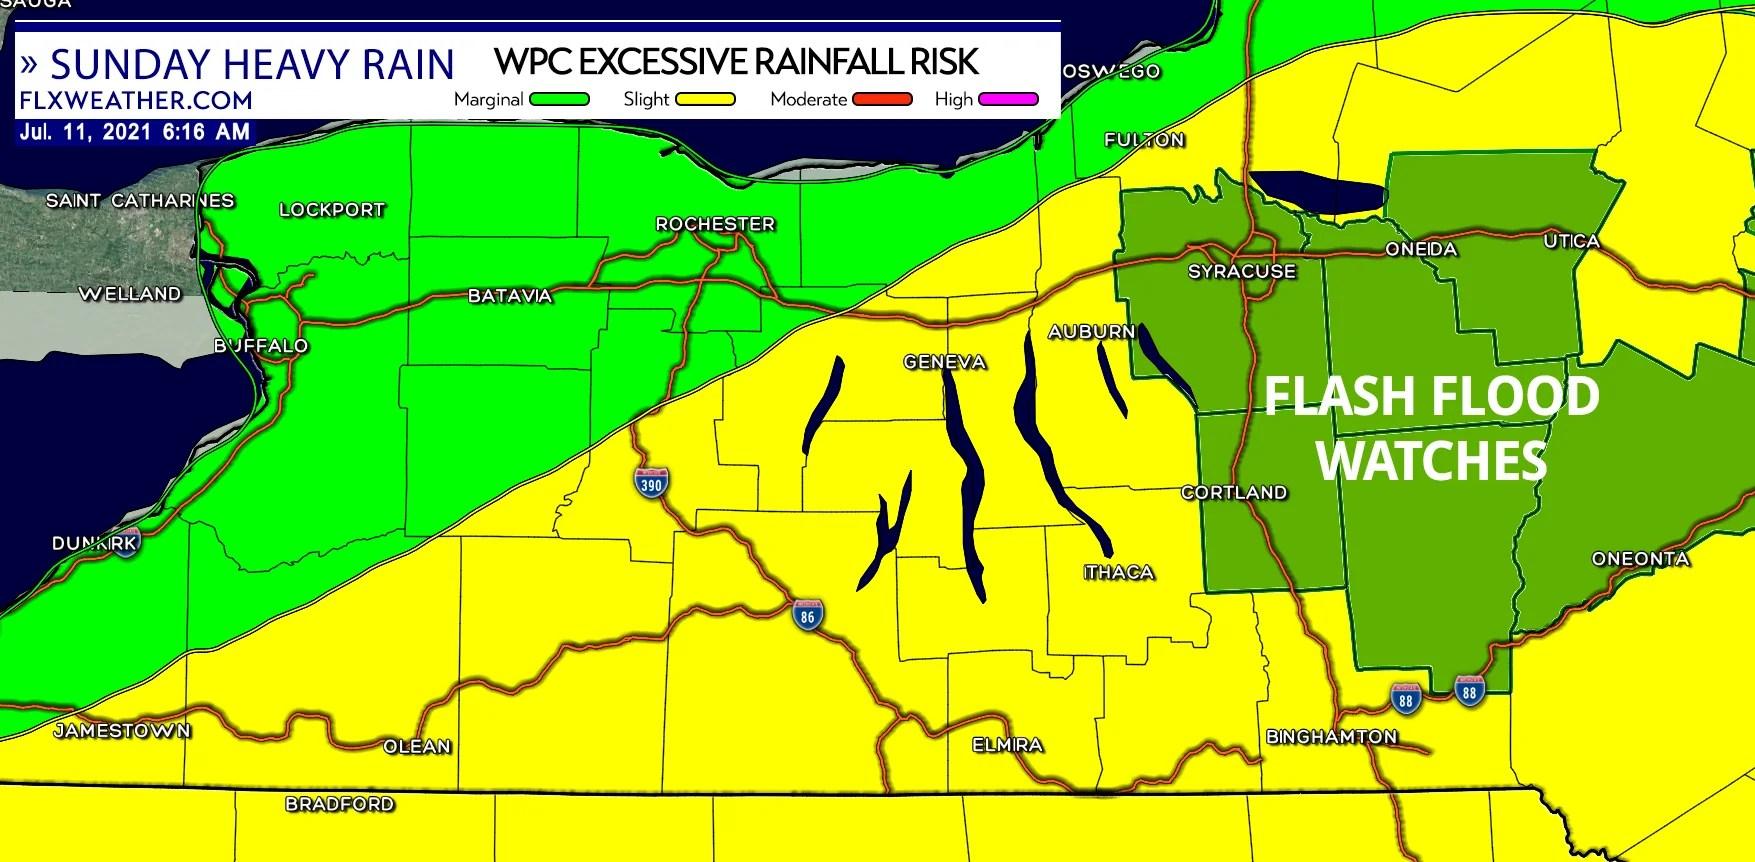 finger lakes weather forecast sunday july 11 2021 heavy rain flash flood watch